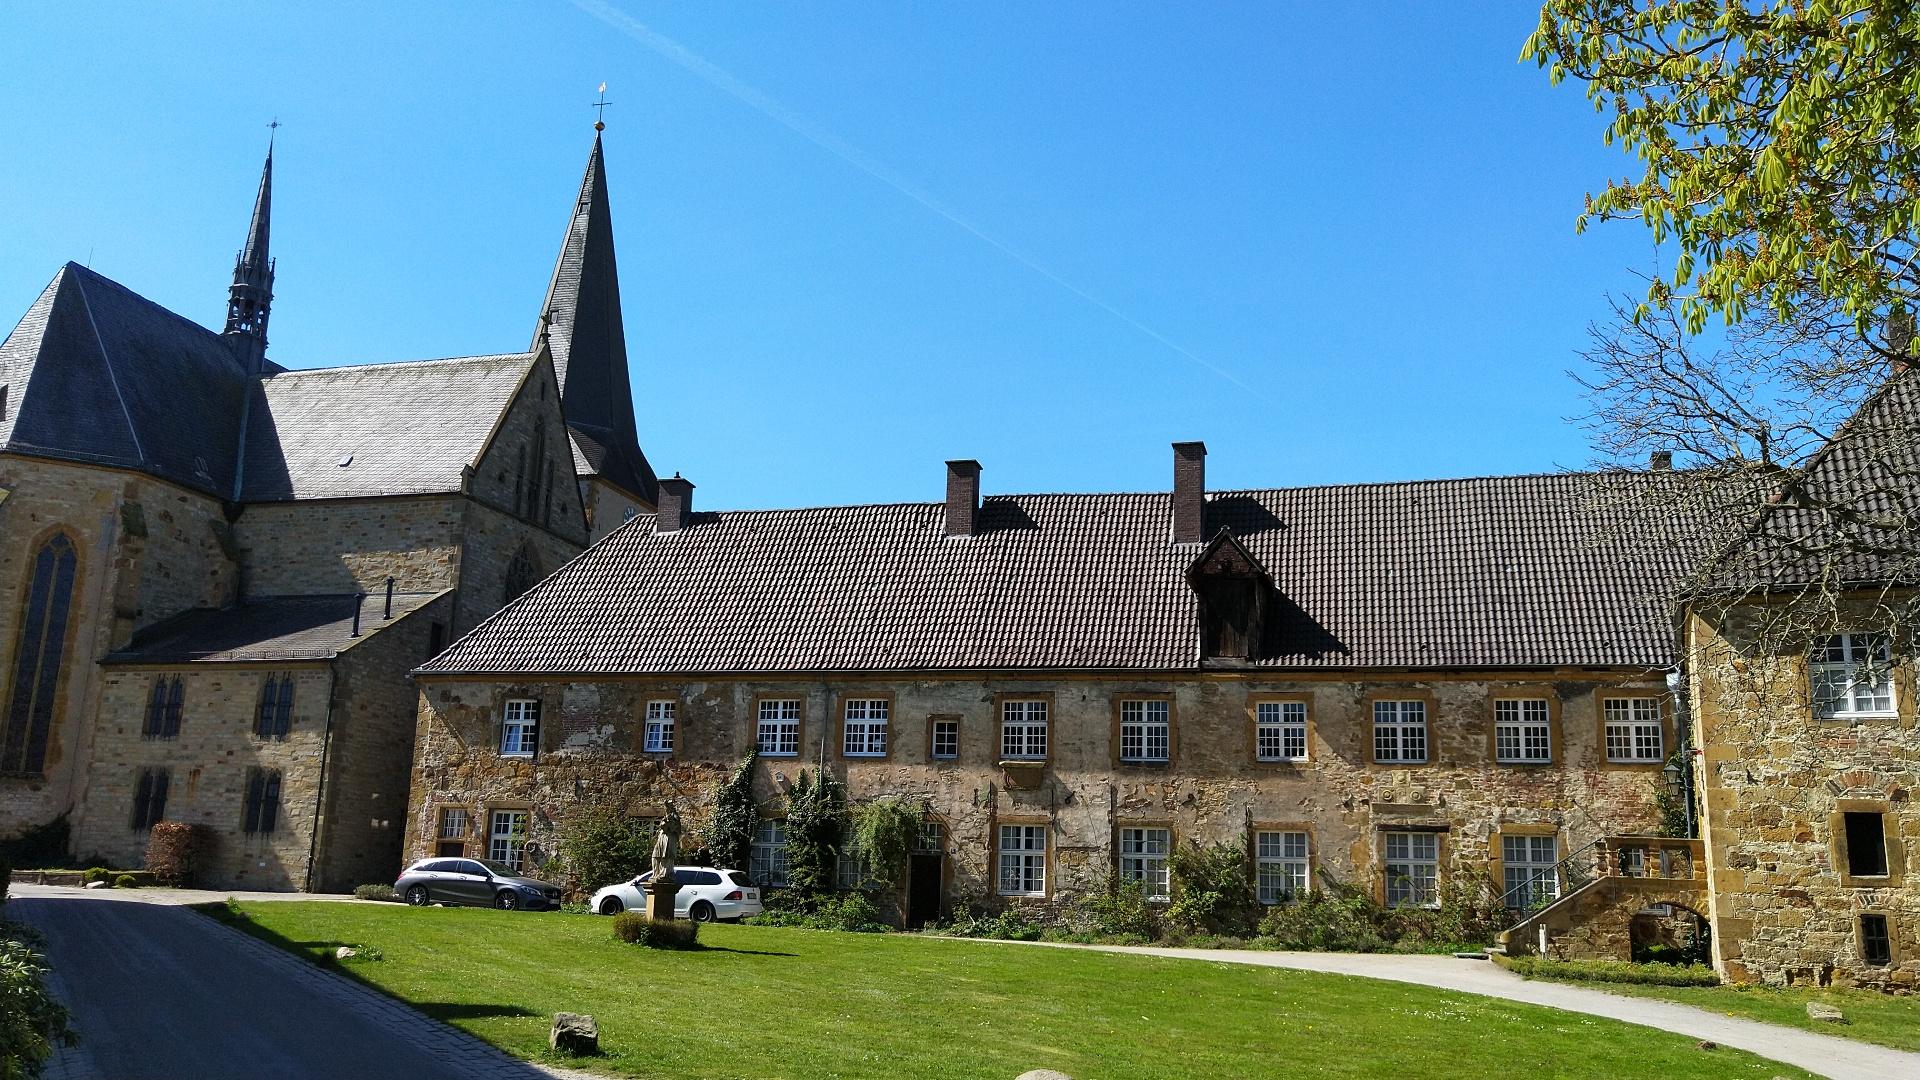 Kloster Herzebrock